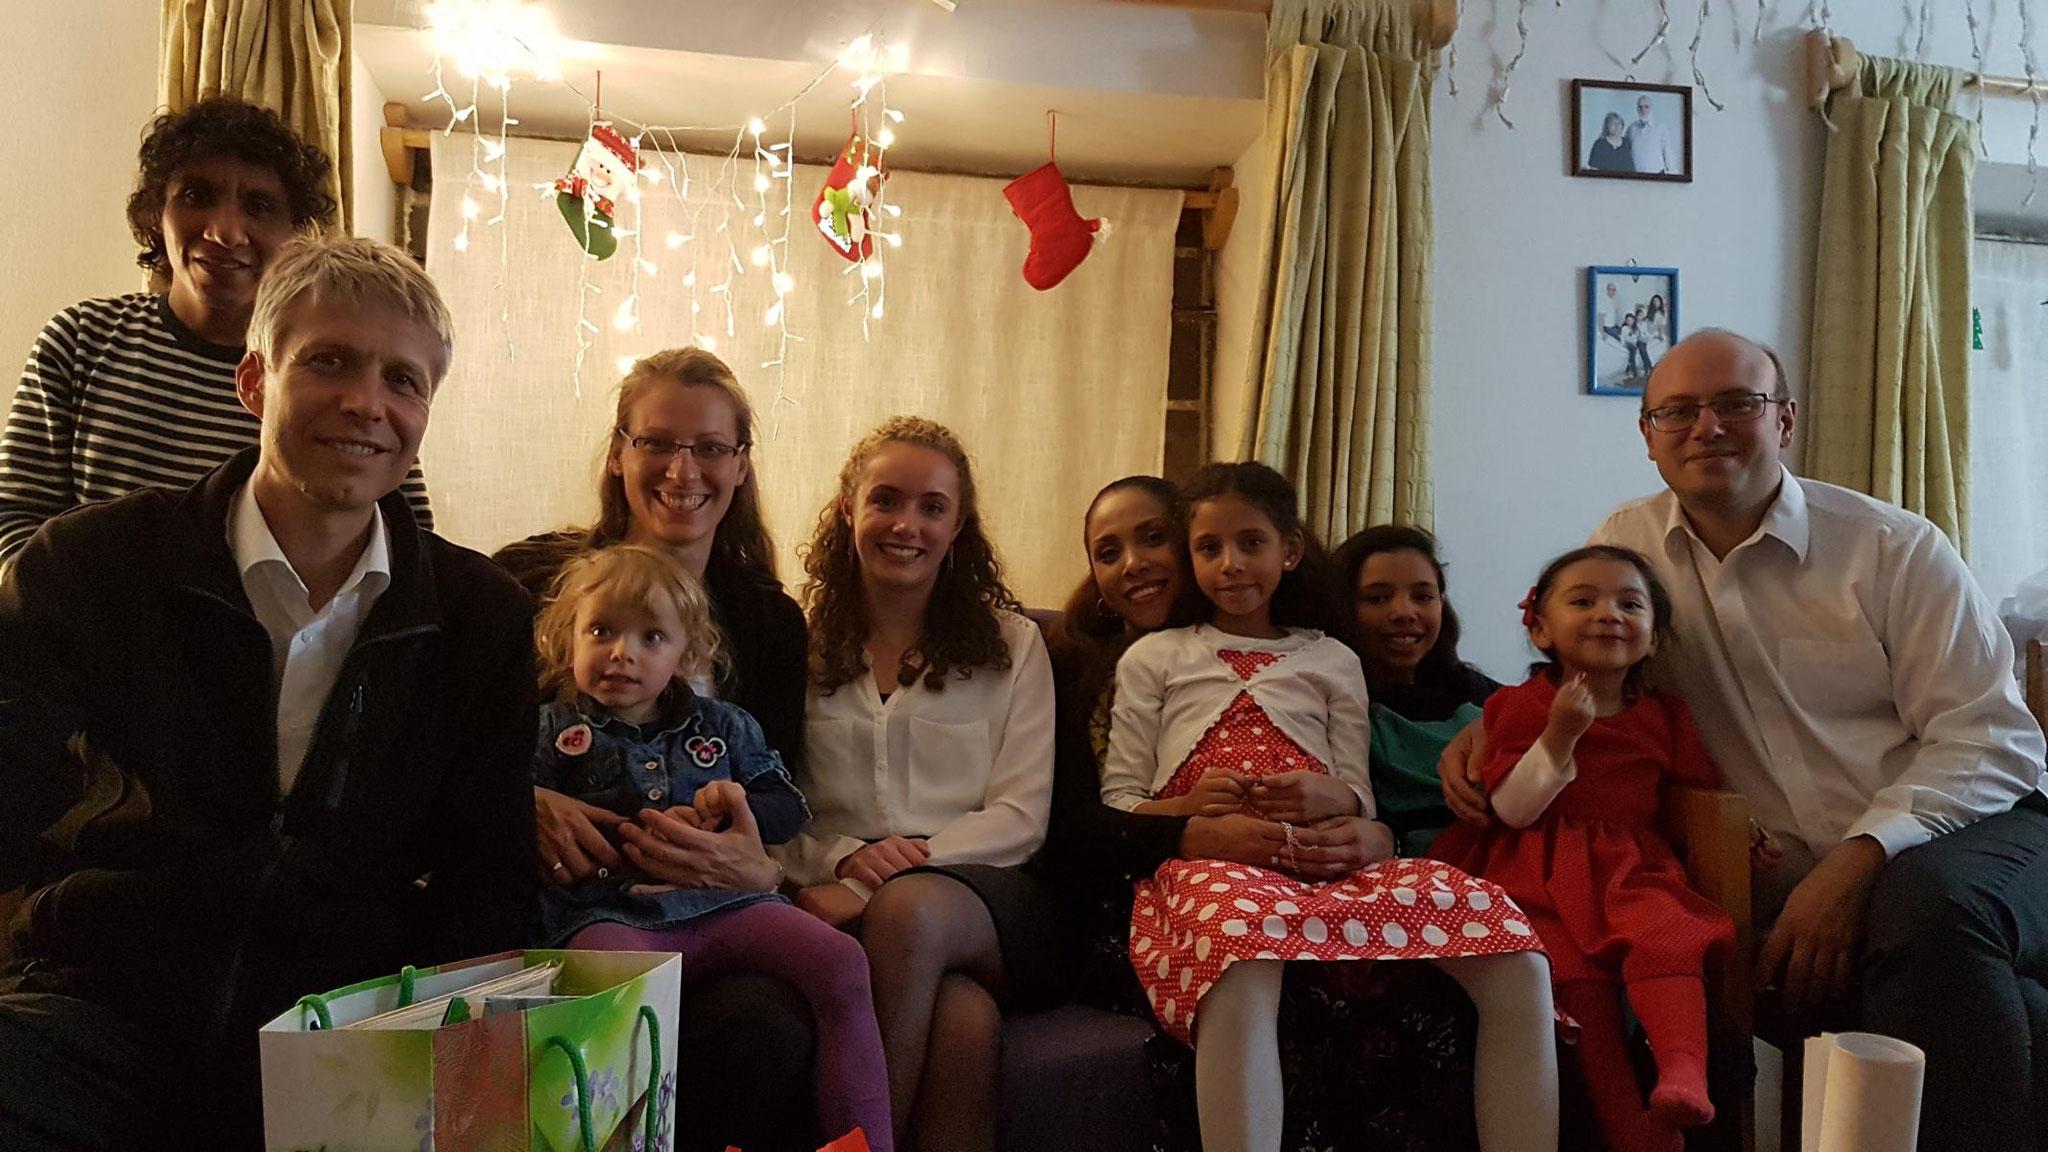 Danach haben wir mit lieben Mitmissionaren noch weiter sehr schön Weihnachten gefeiert.